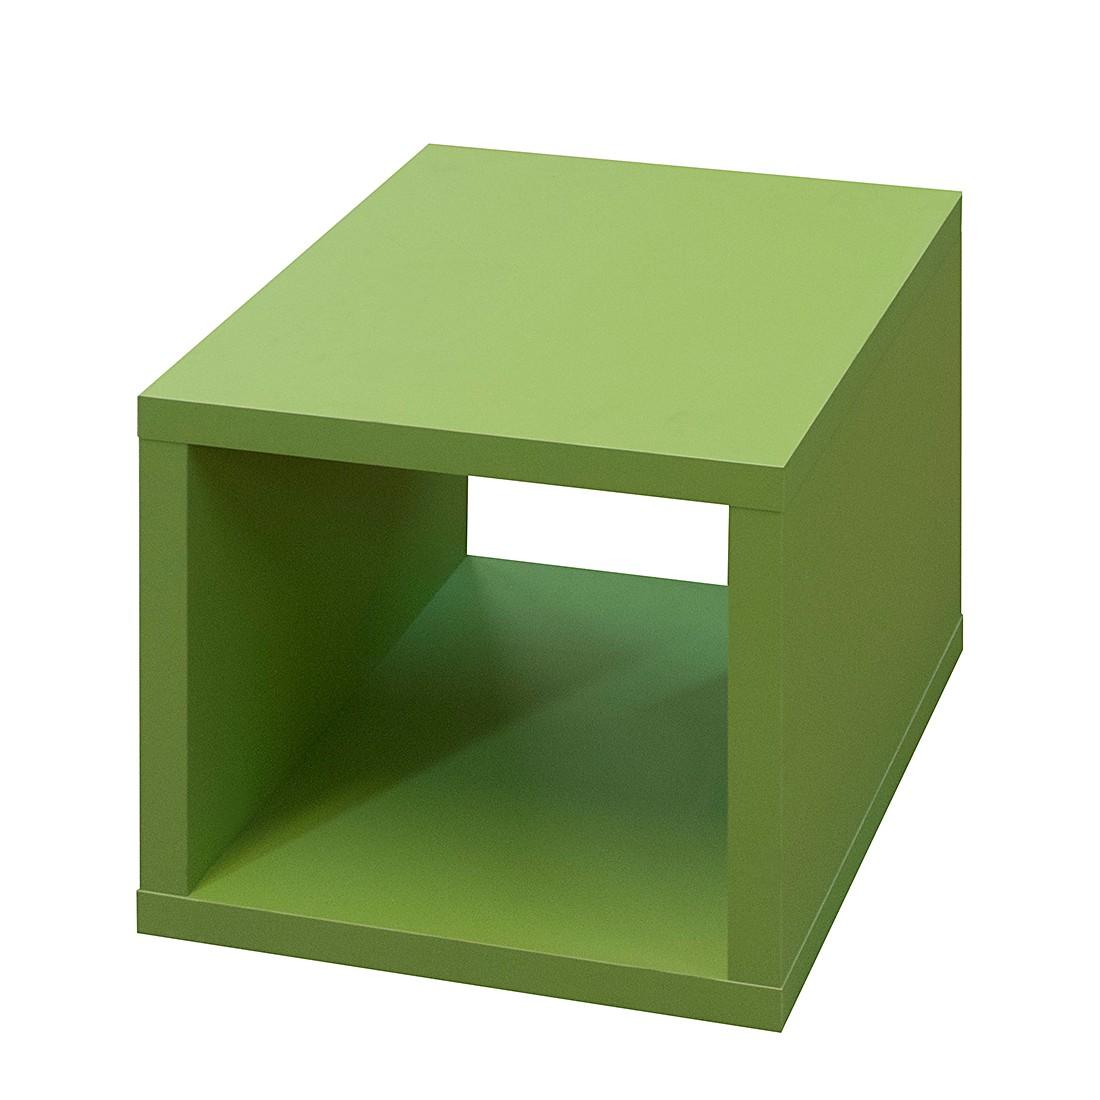 Würfelregal Konstanz – Supermatt Grün, mooved günstig kaufen